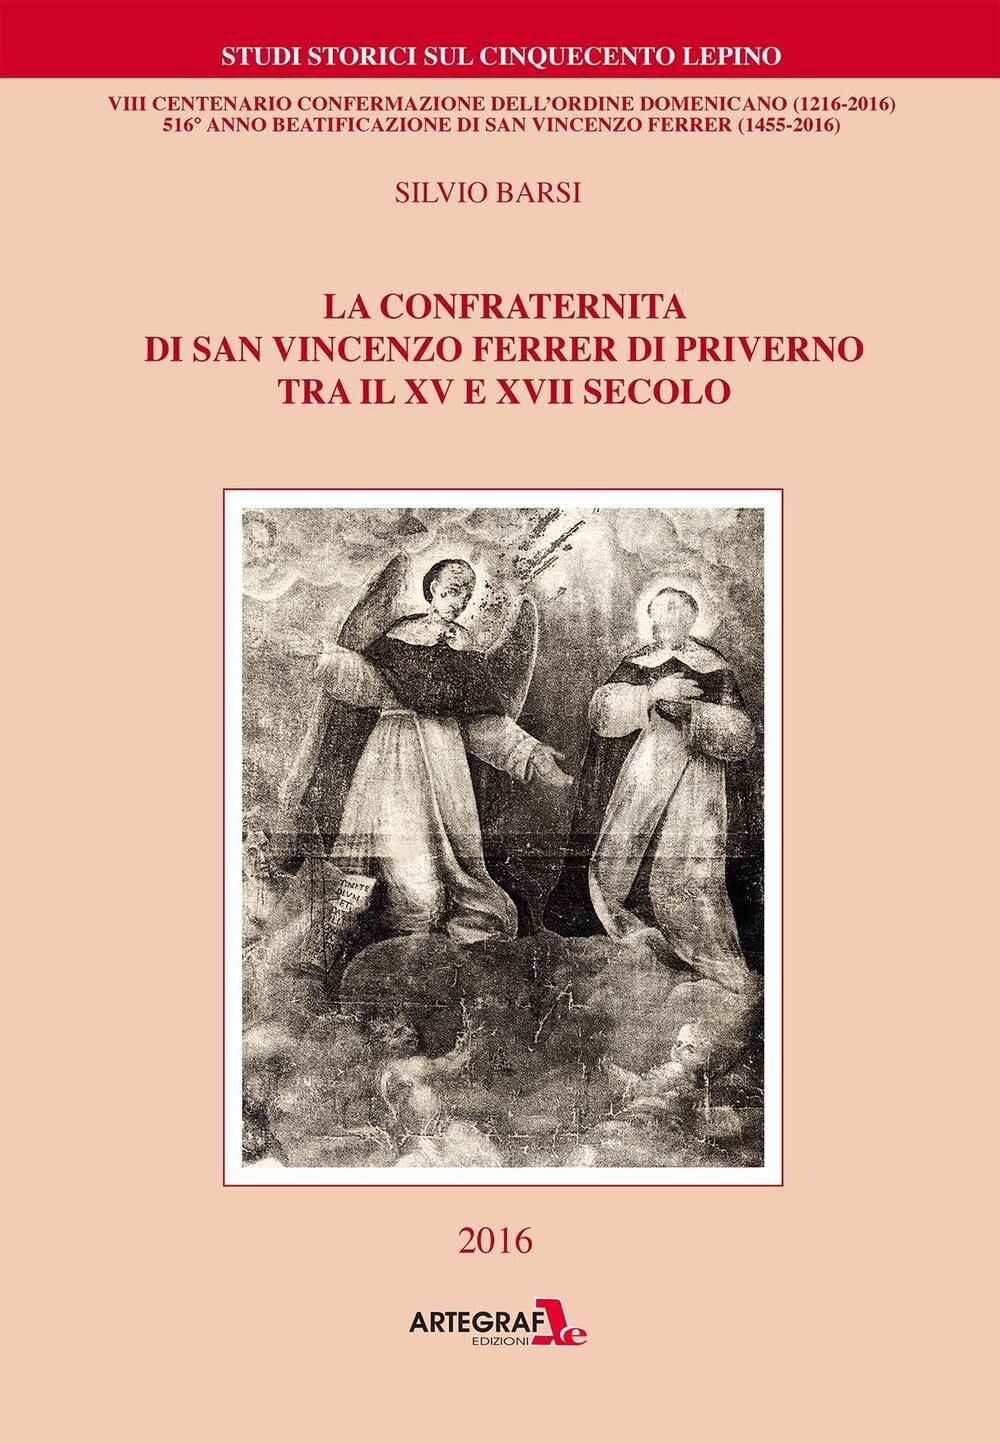 La confraternita di san Vincenzo Ferrer di Priverno tra il XV e il XVII Secolo. VIII centenario confermazione dell'ordine domenicano (1216-2016)